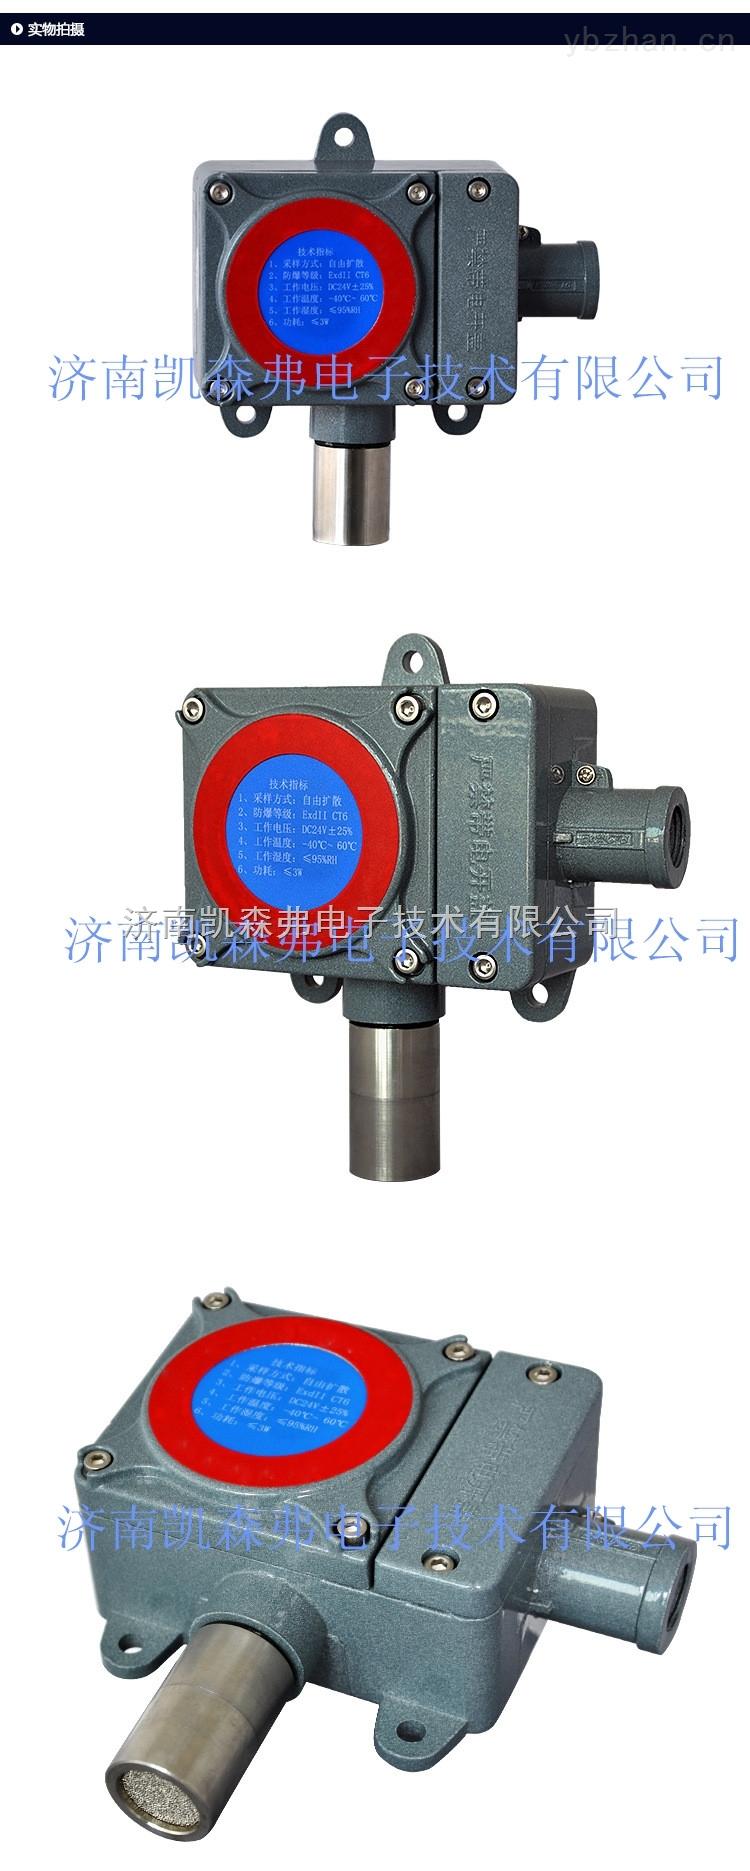 吉林長春RBT-6000-F/B氫氣泄漏探測器